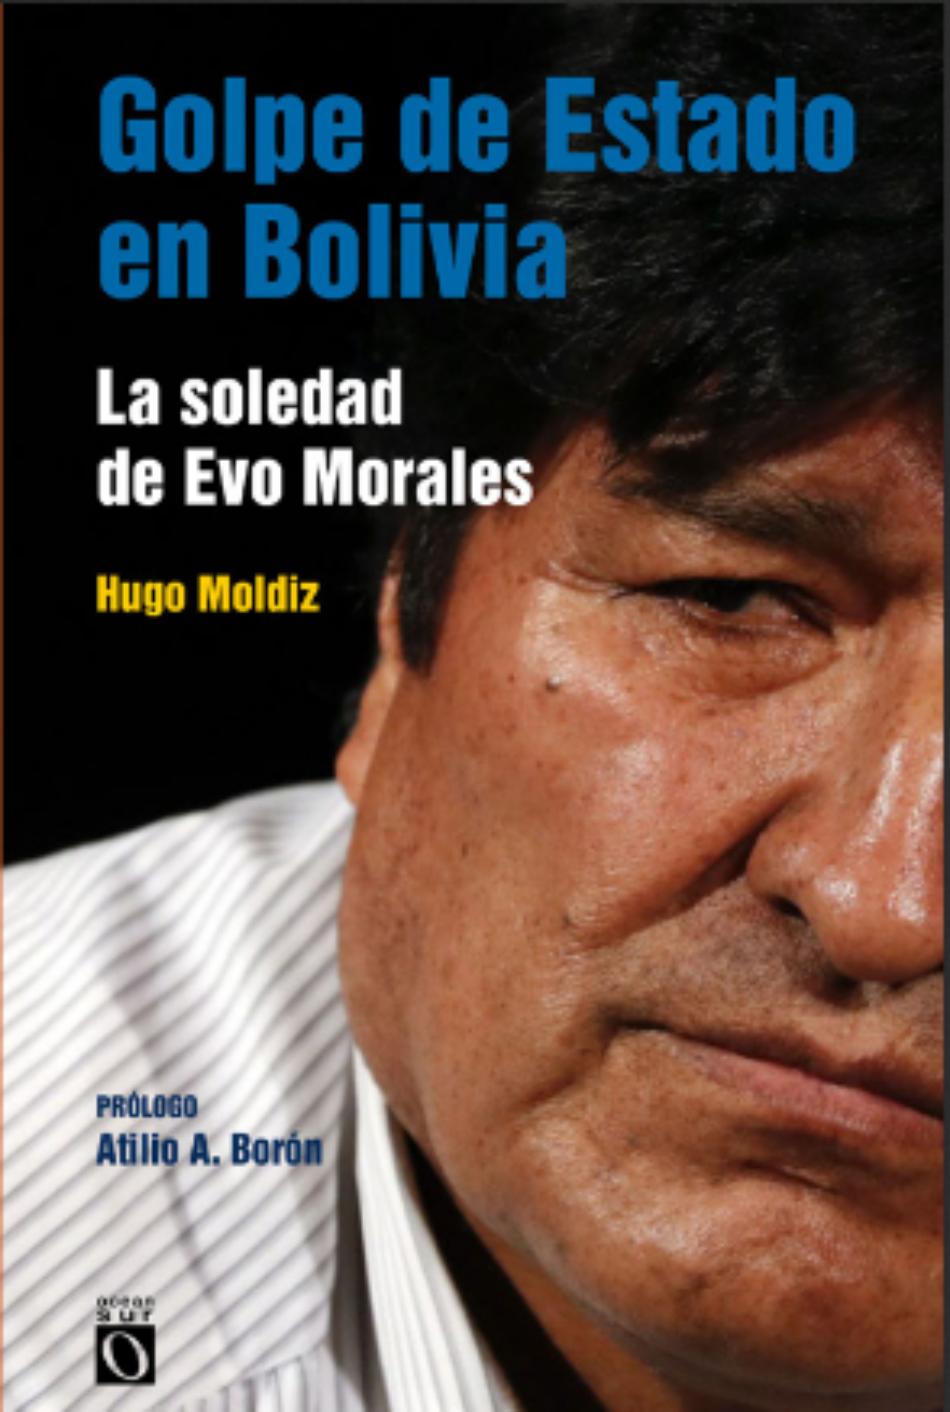 Golpe de Estado en Bolivia. La soledad de Evo Morales